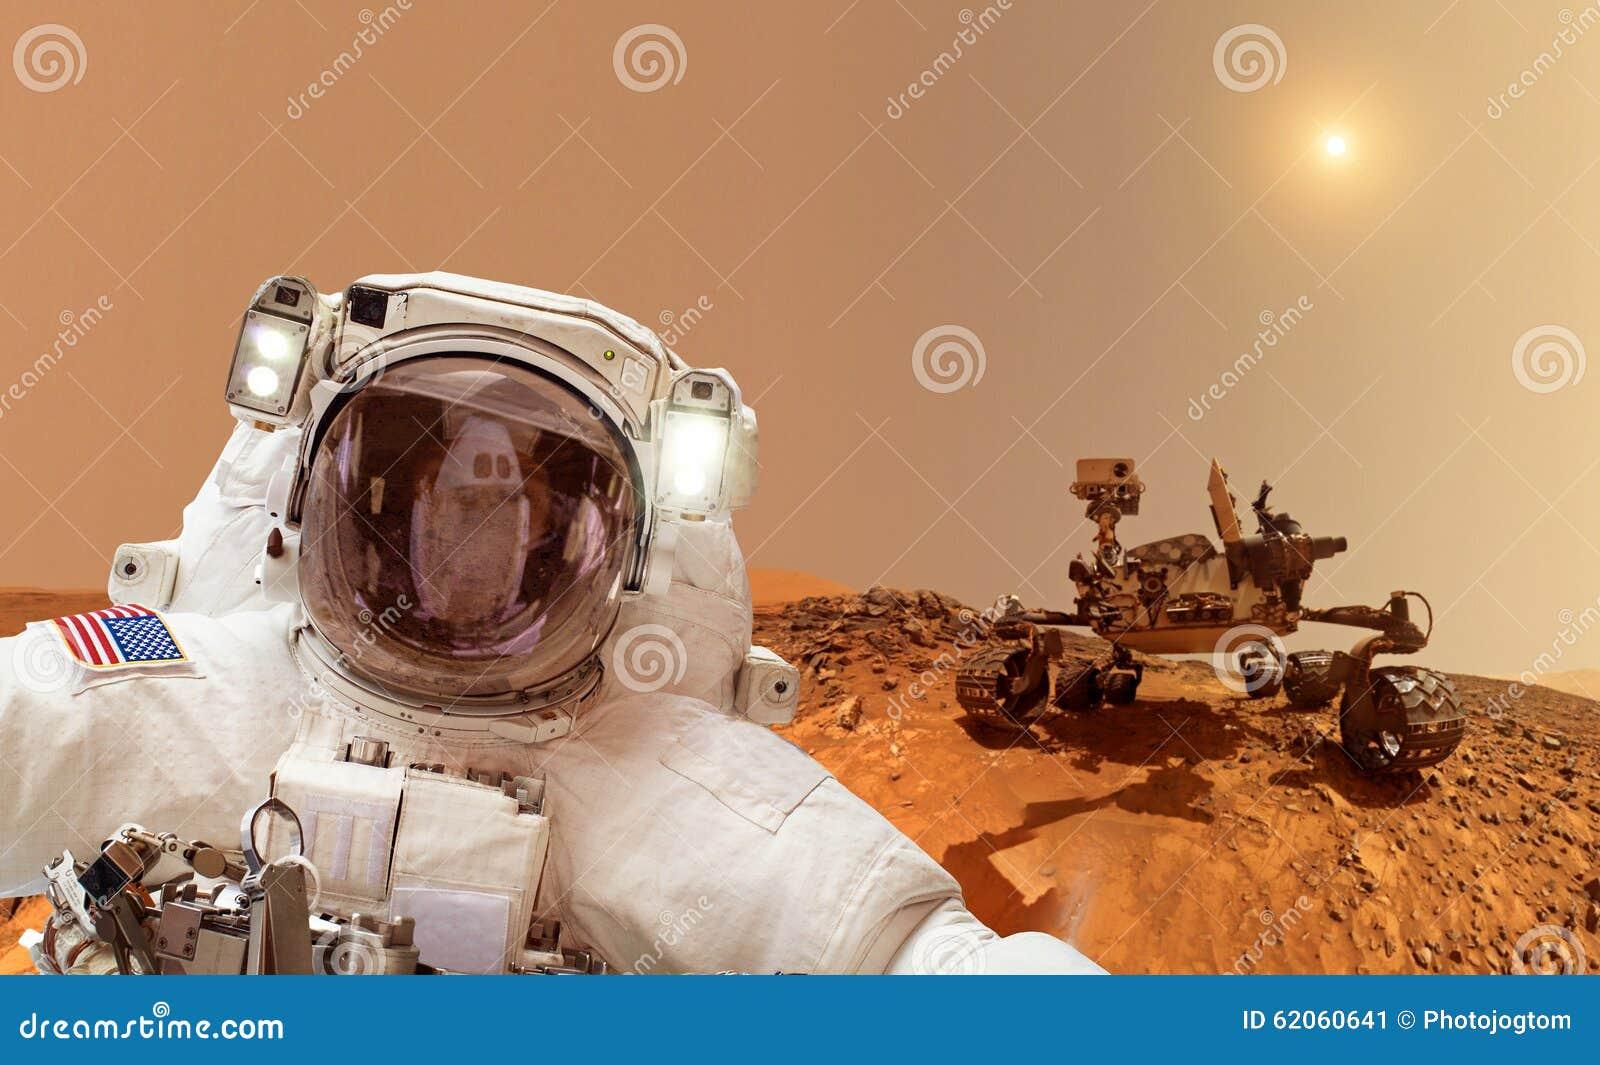 Астронавт на Марсе - элементах этого изображения поставленных NASA